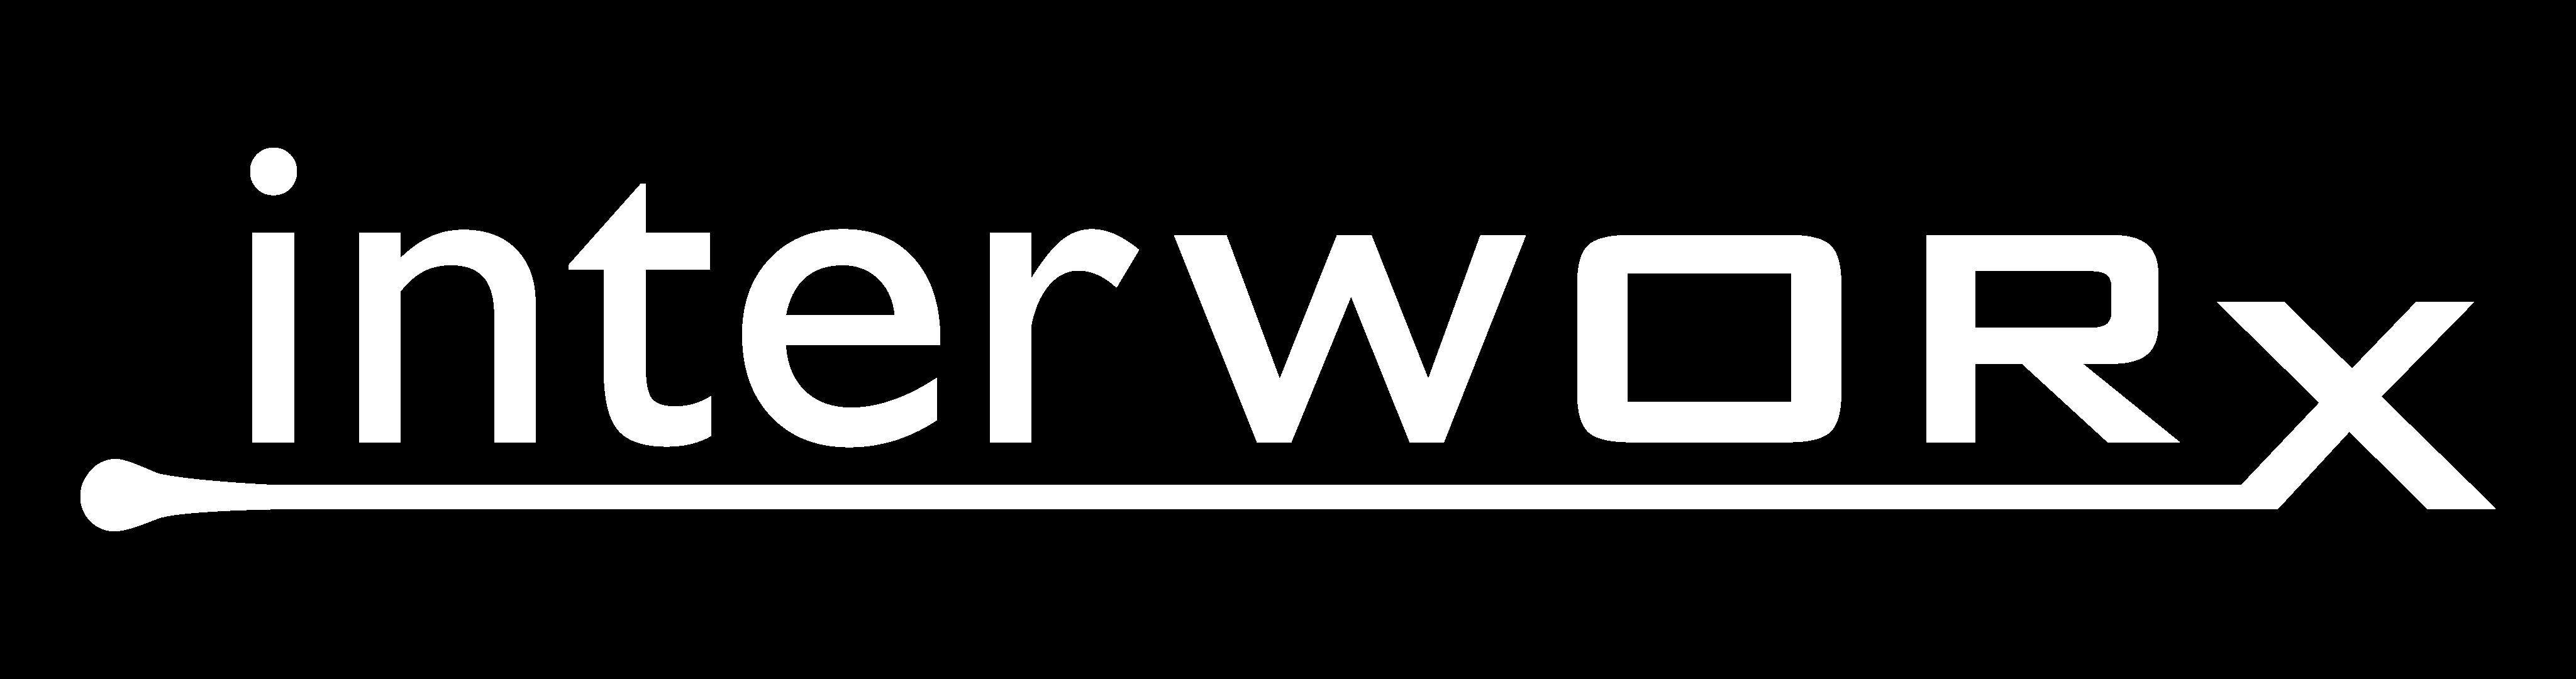 Interworx Forum